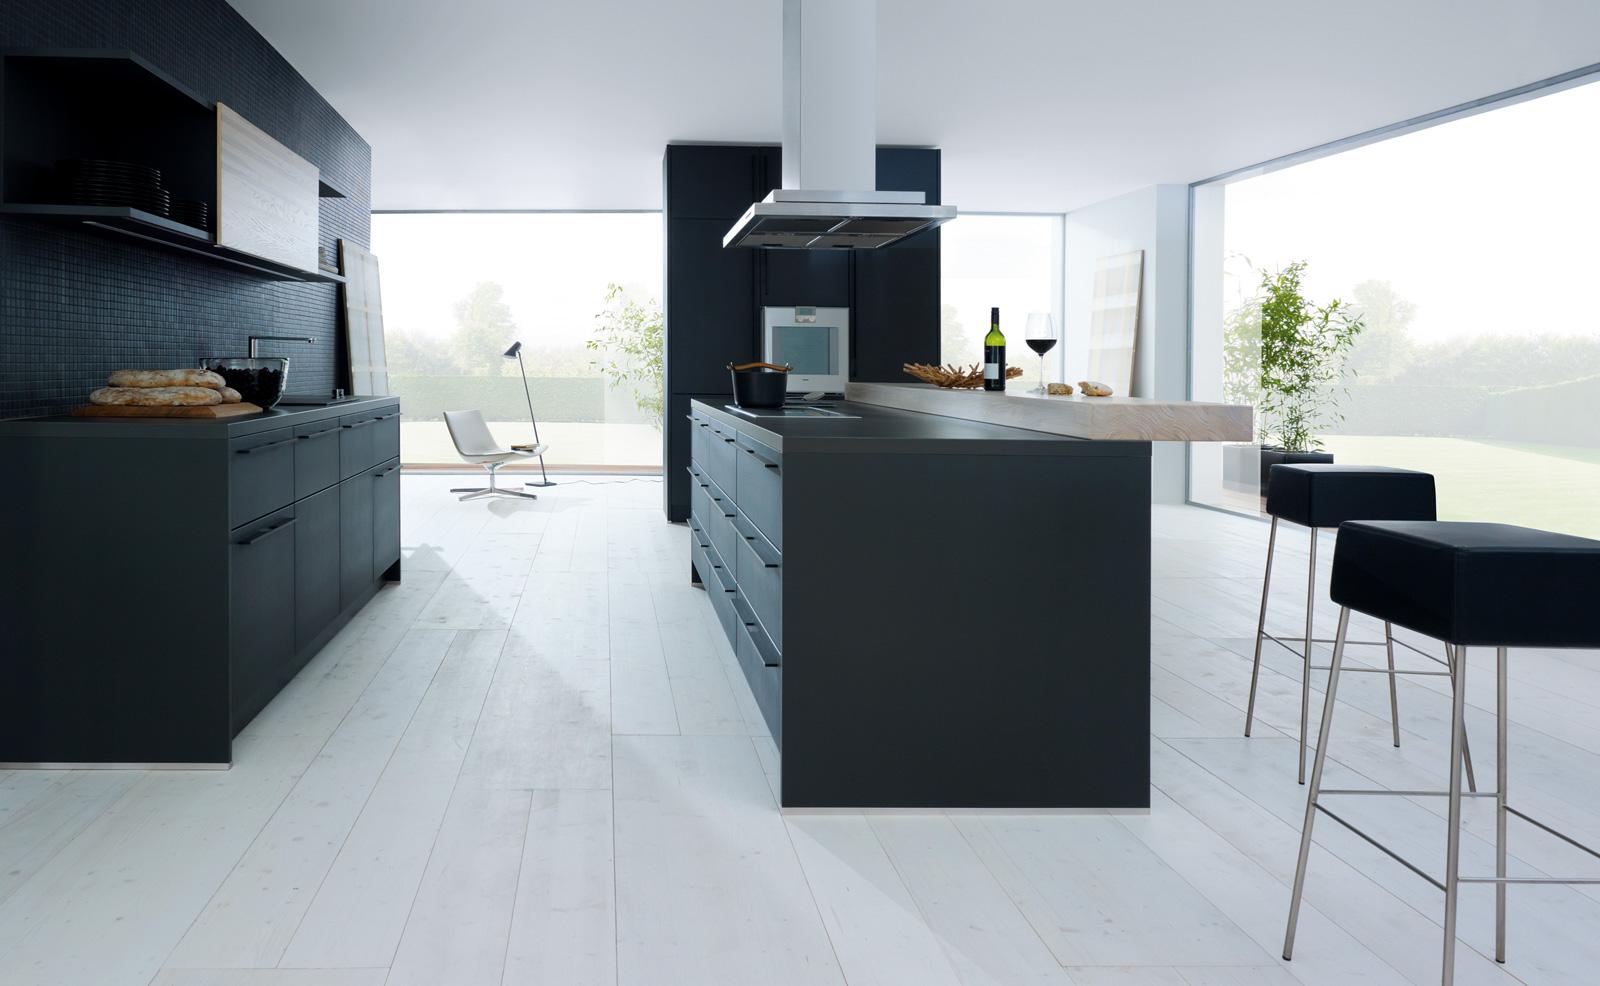 wohn und schlafzimmer in einem raum. Black Bedroom Furniture Sets. Home Design Ideas